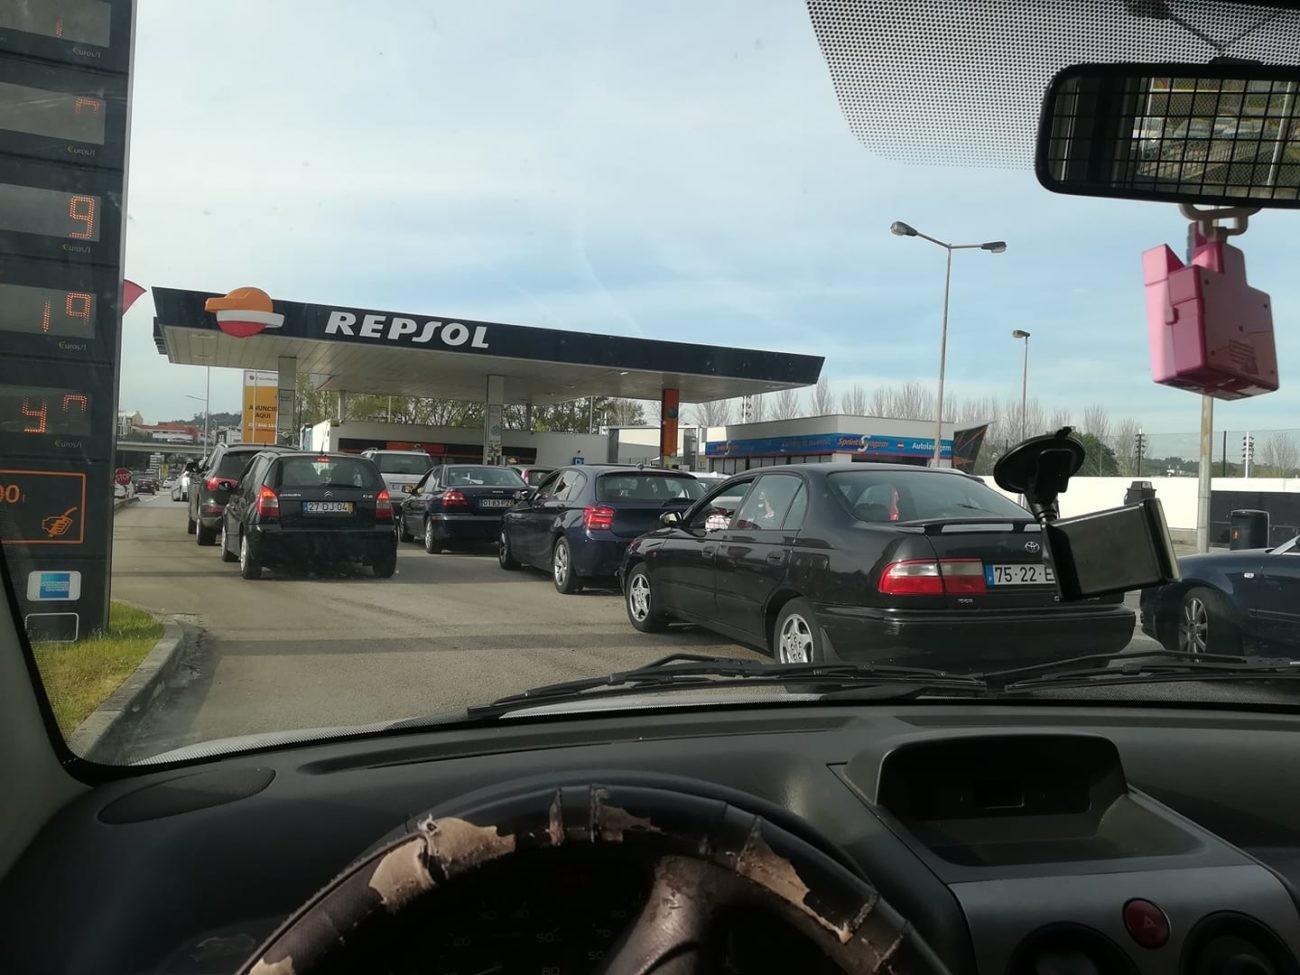 ÚLTIMA HORA: Terminou a greve dos motoristas de matérias perigosas